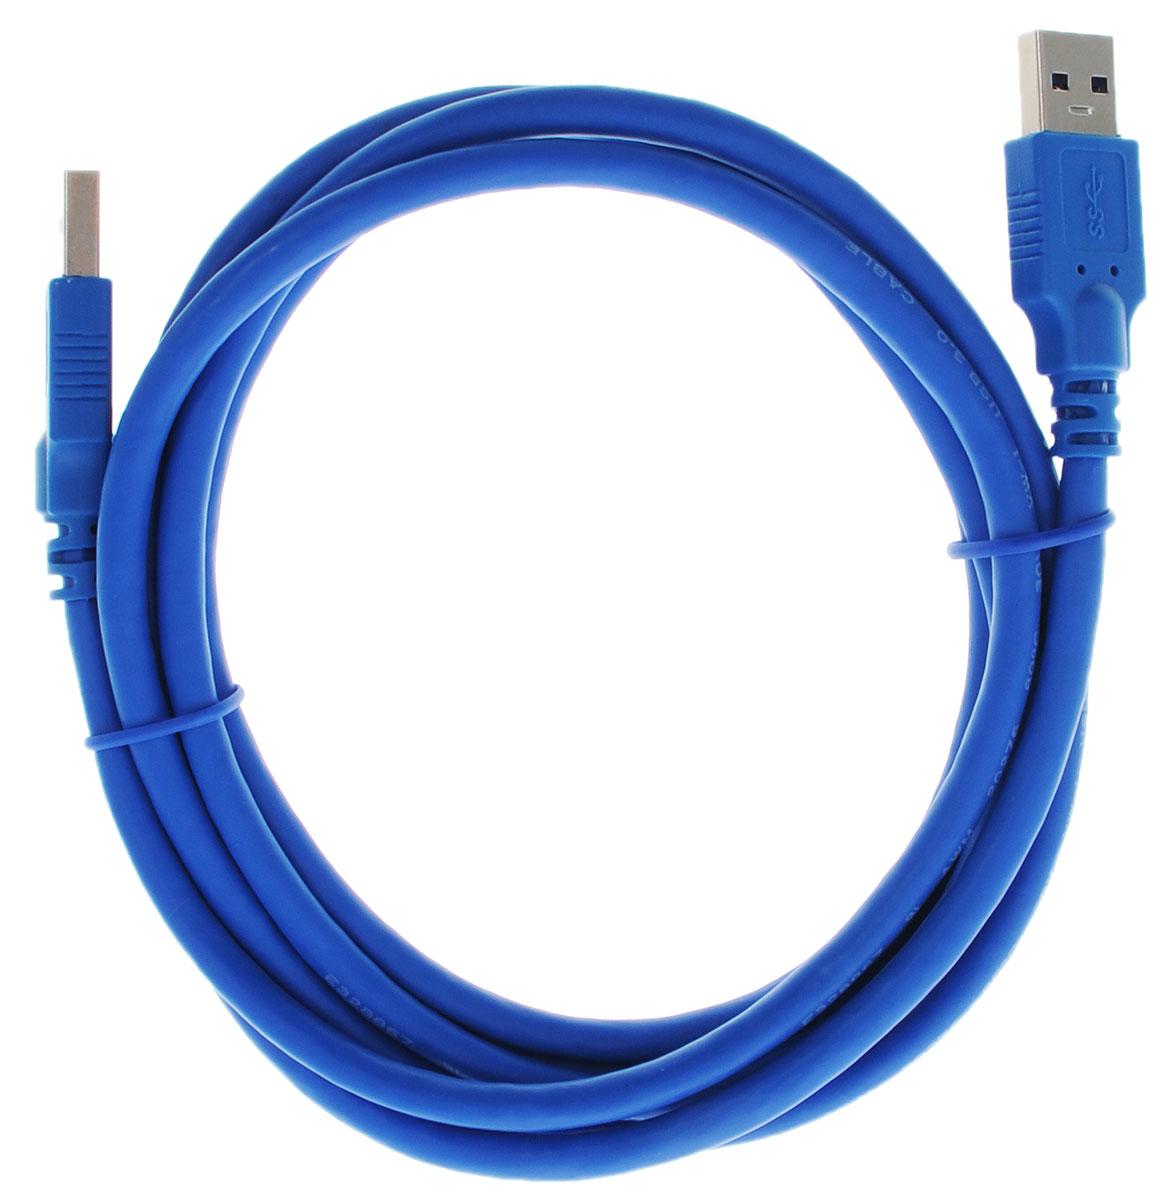 Greenconnect Premium GC-U3A01, Blue кабель USB 2 мGC-U3A01-2mКабель Greenconnect Premium GC-U3A01 используется для соединения ПК или ноутбука с периферийными устройствами: HD-DVD, принтер, внешний жесткий диск, Blu-ray и другими. Кабель имеет двойное экранирование (сочетание фольгированной и общей оплетки), что позволяет защитить сигнал при передаче от влияния внешних полей, способных создать помехи. Скорость передачи данных: до 5 Гбит Тип оболочки: PVC (ПВХ)Совместимость: USB 3.0/2.0/1.1